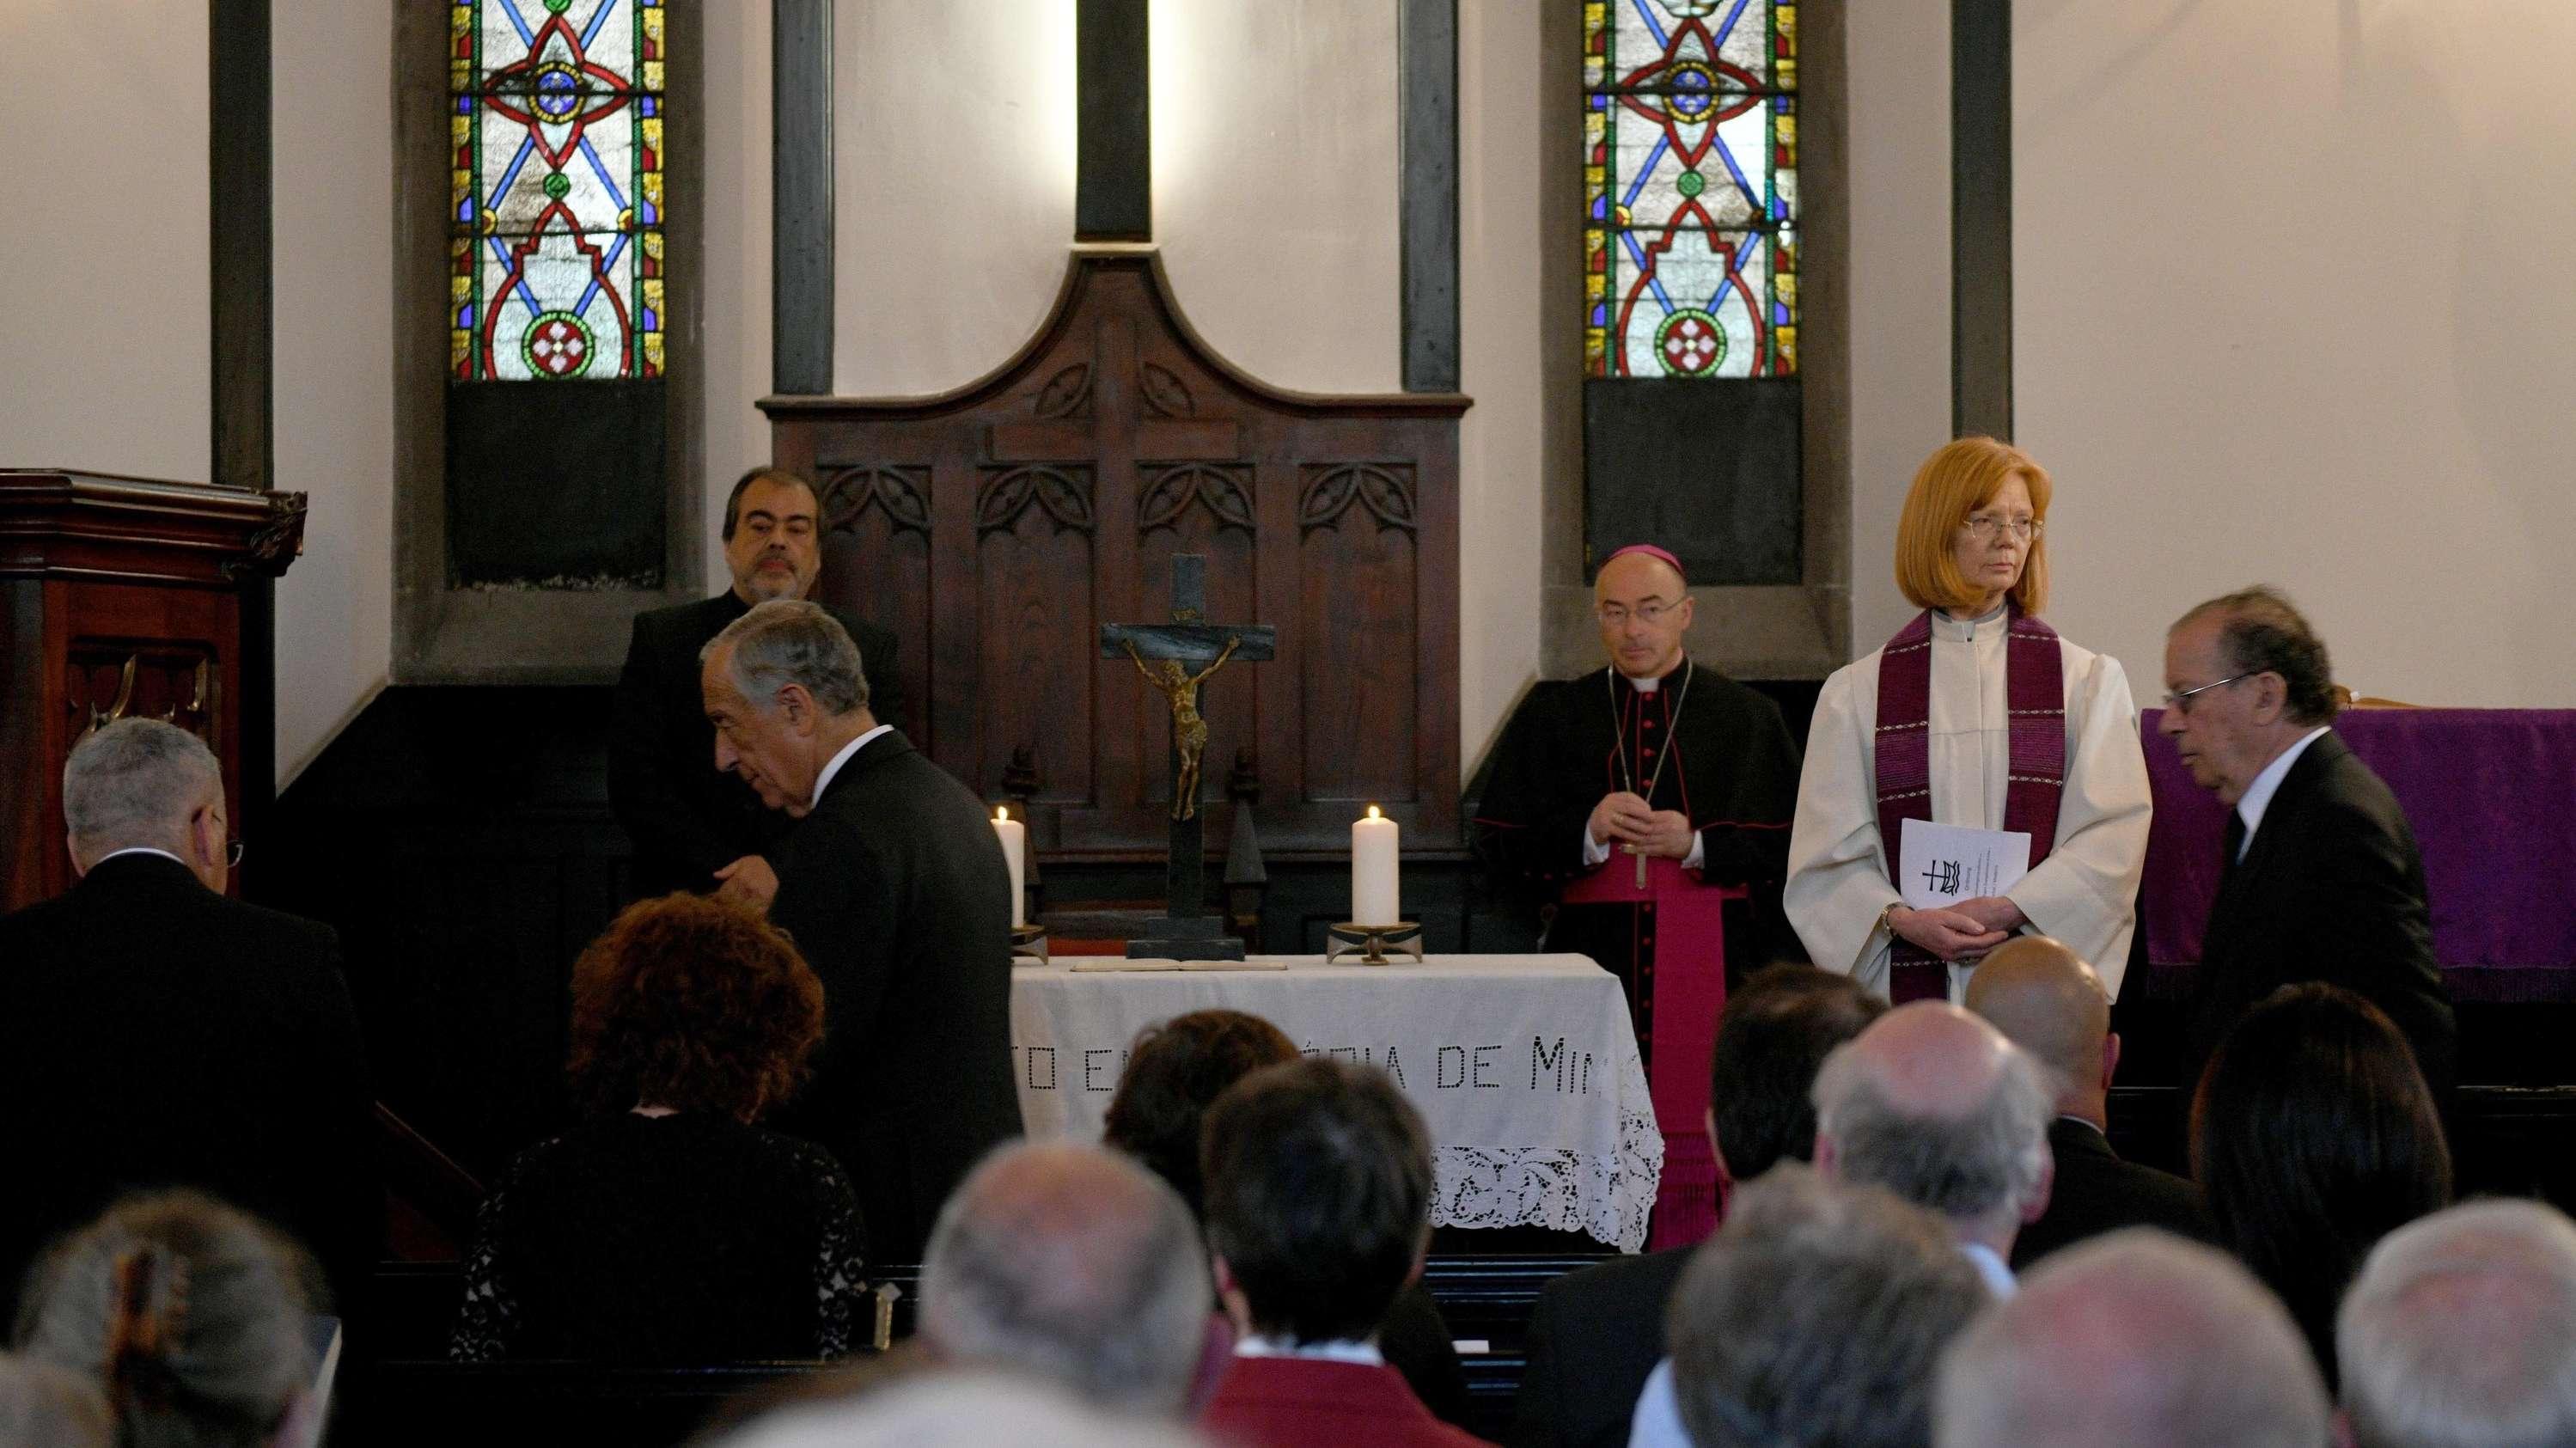 Ilse Everlien Berardo (2.v.r.), deutsche Pastorin, steht neben Marcelo Rebelo de Sousa, (3.v.l.)  Präsident von Portugal, bei der Trauerfeier.